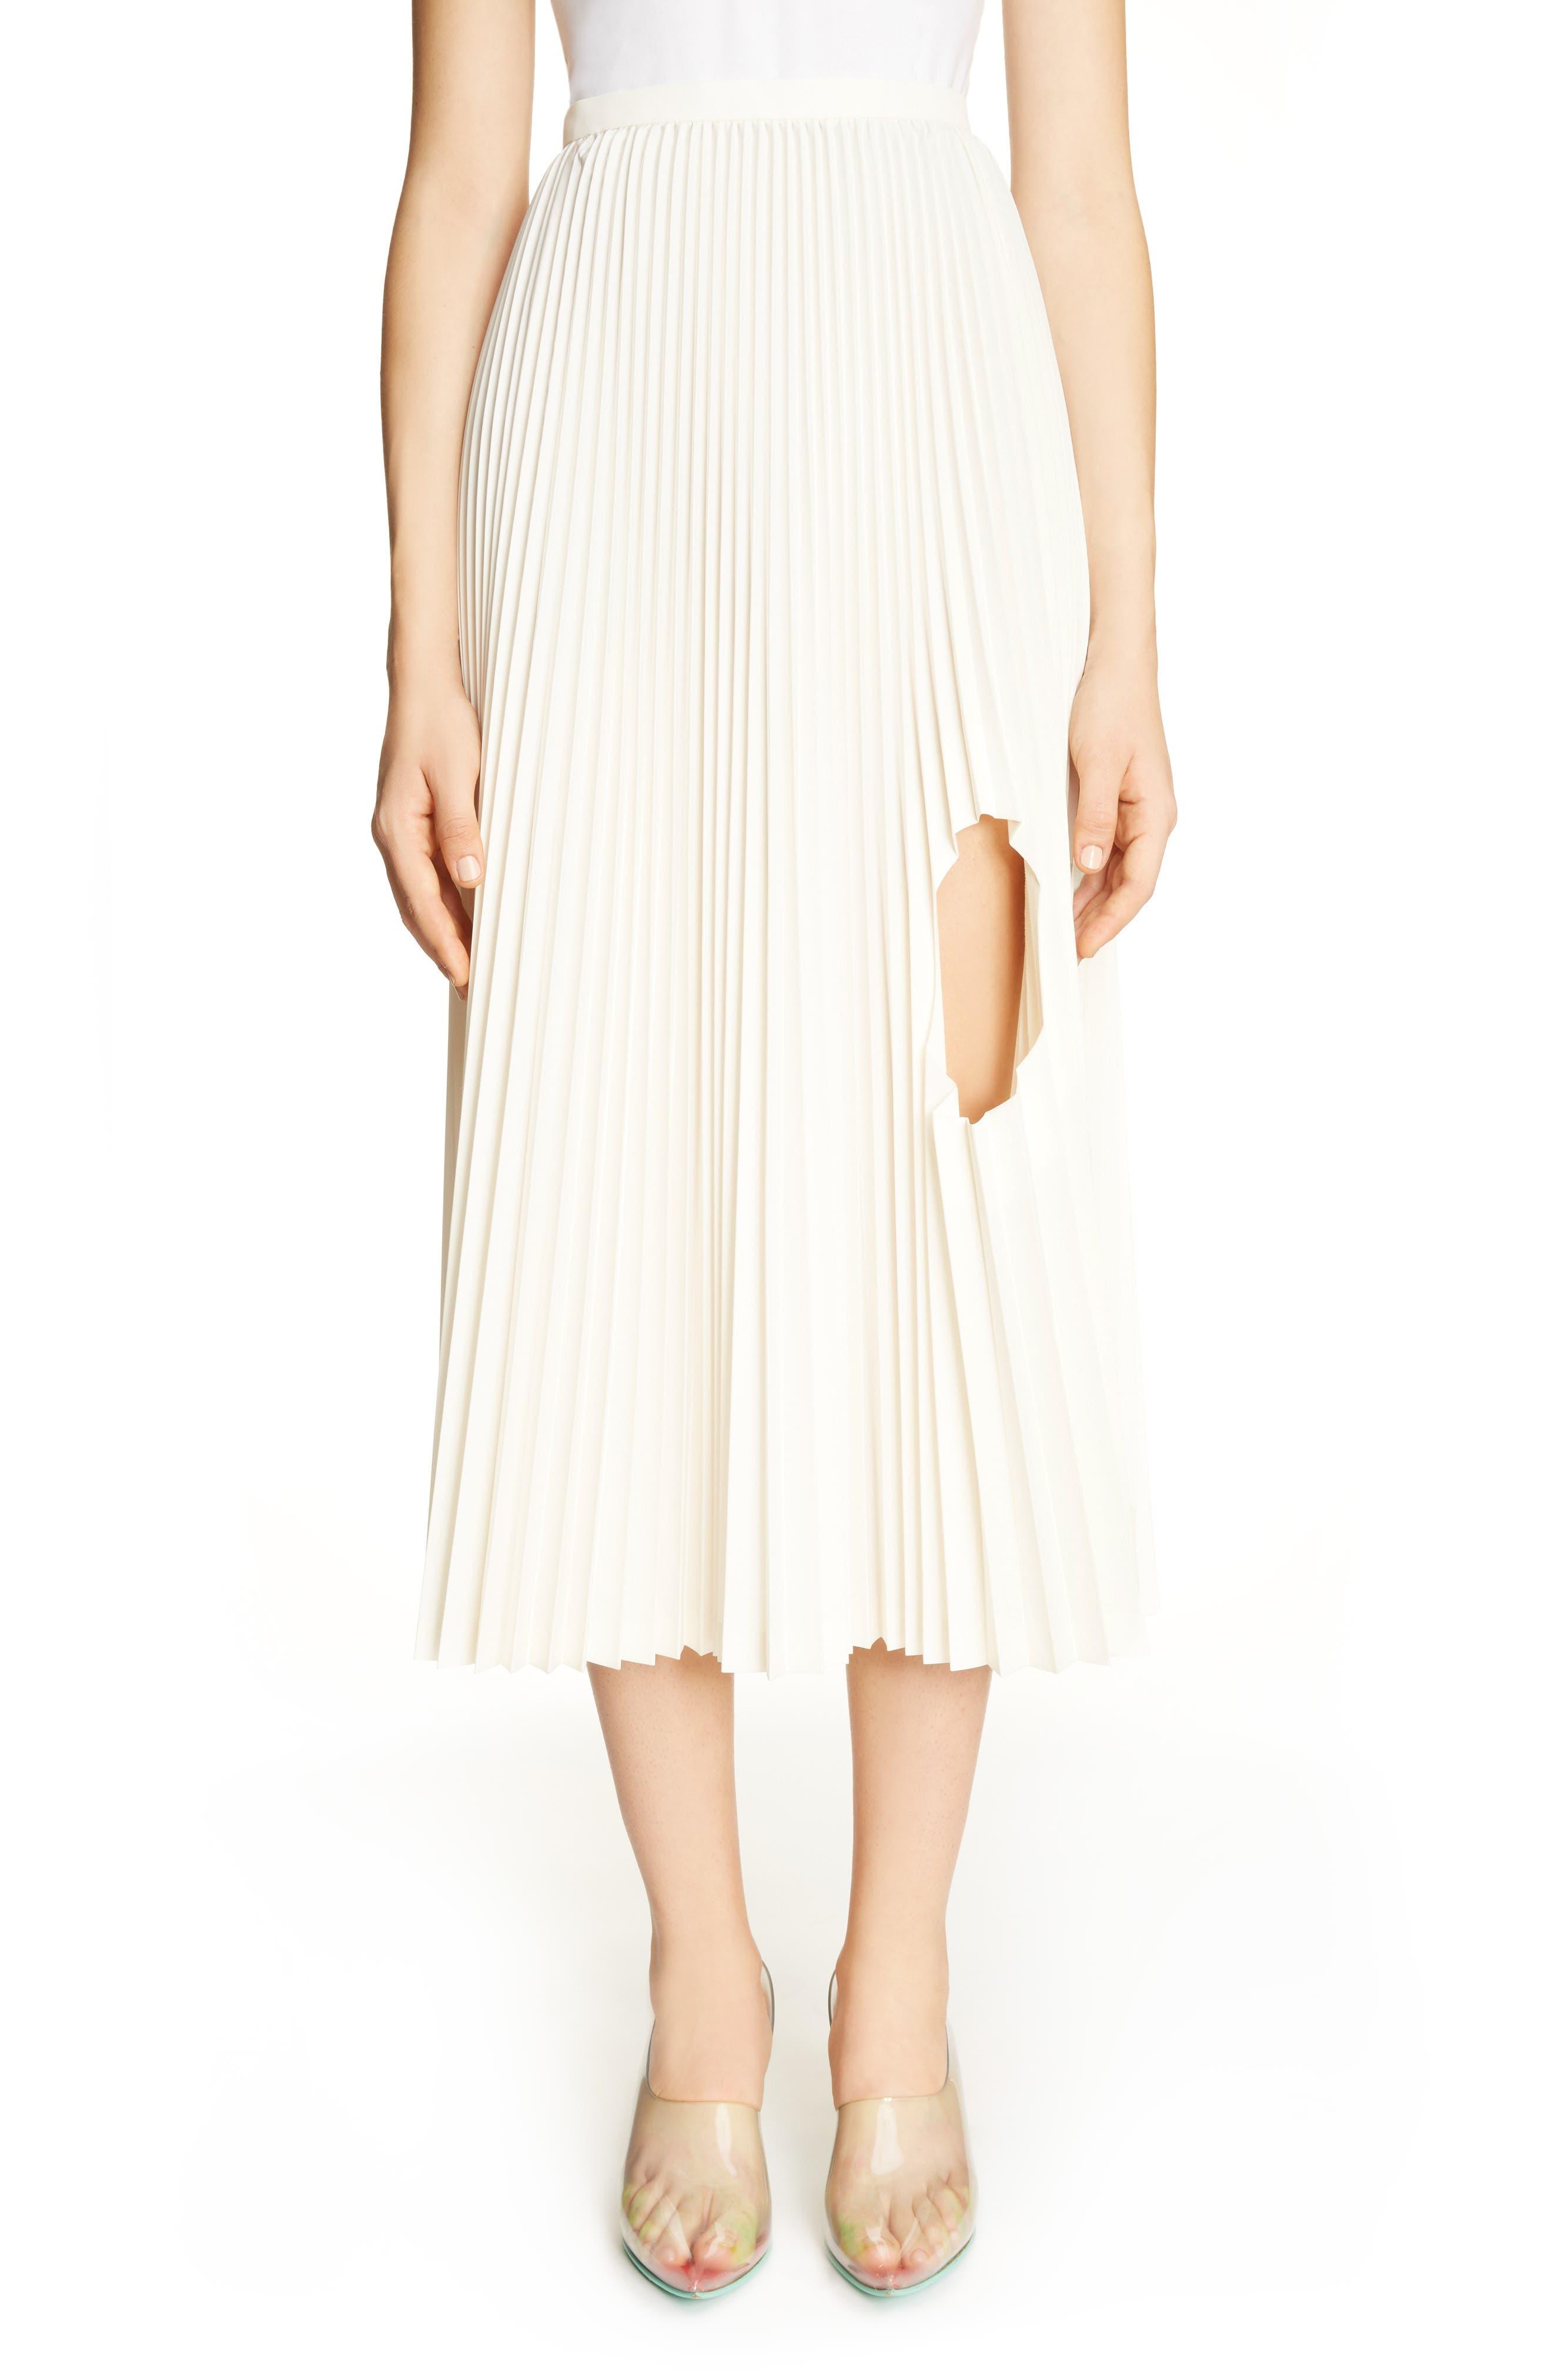 Alternate Image 1 Selected - Toga Pleated Keyhole Skirt